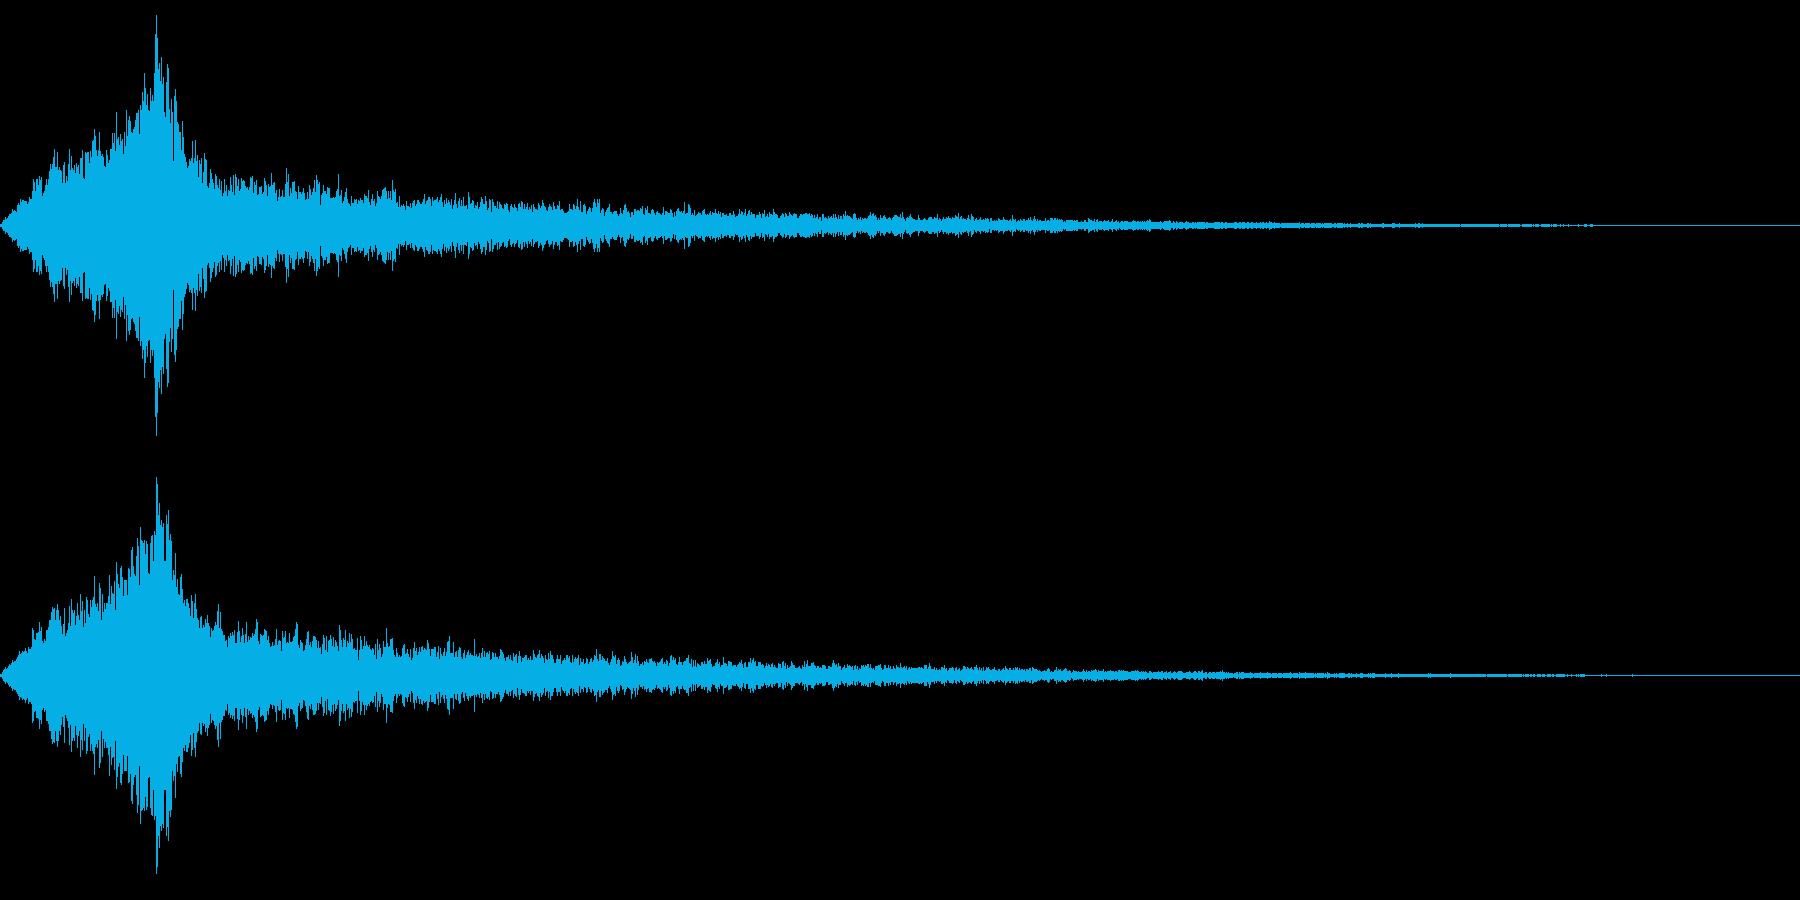 怖いタイトル、テロップ音の再生済みの波形